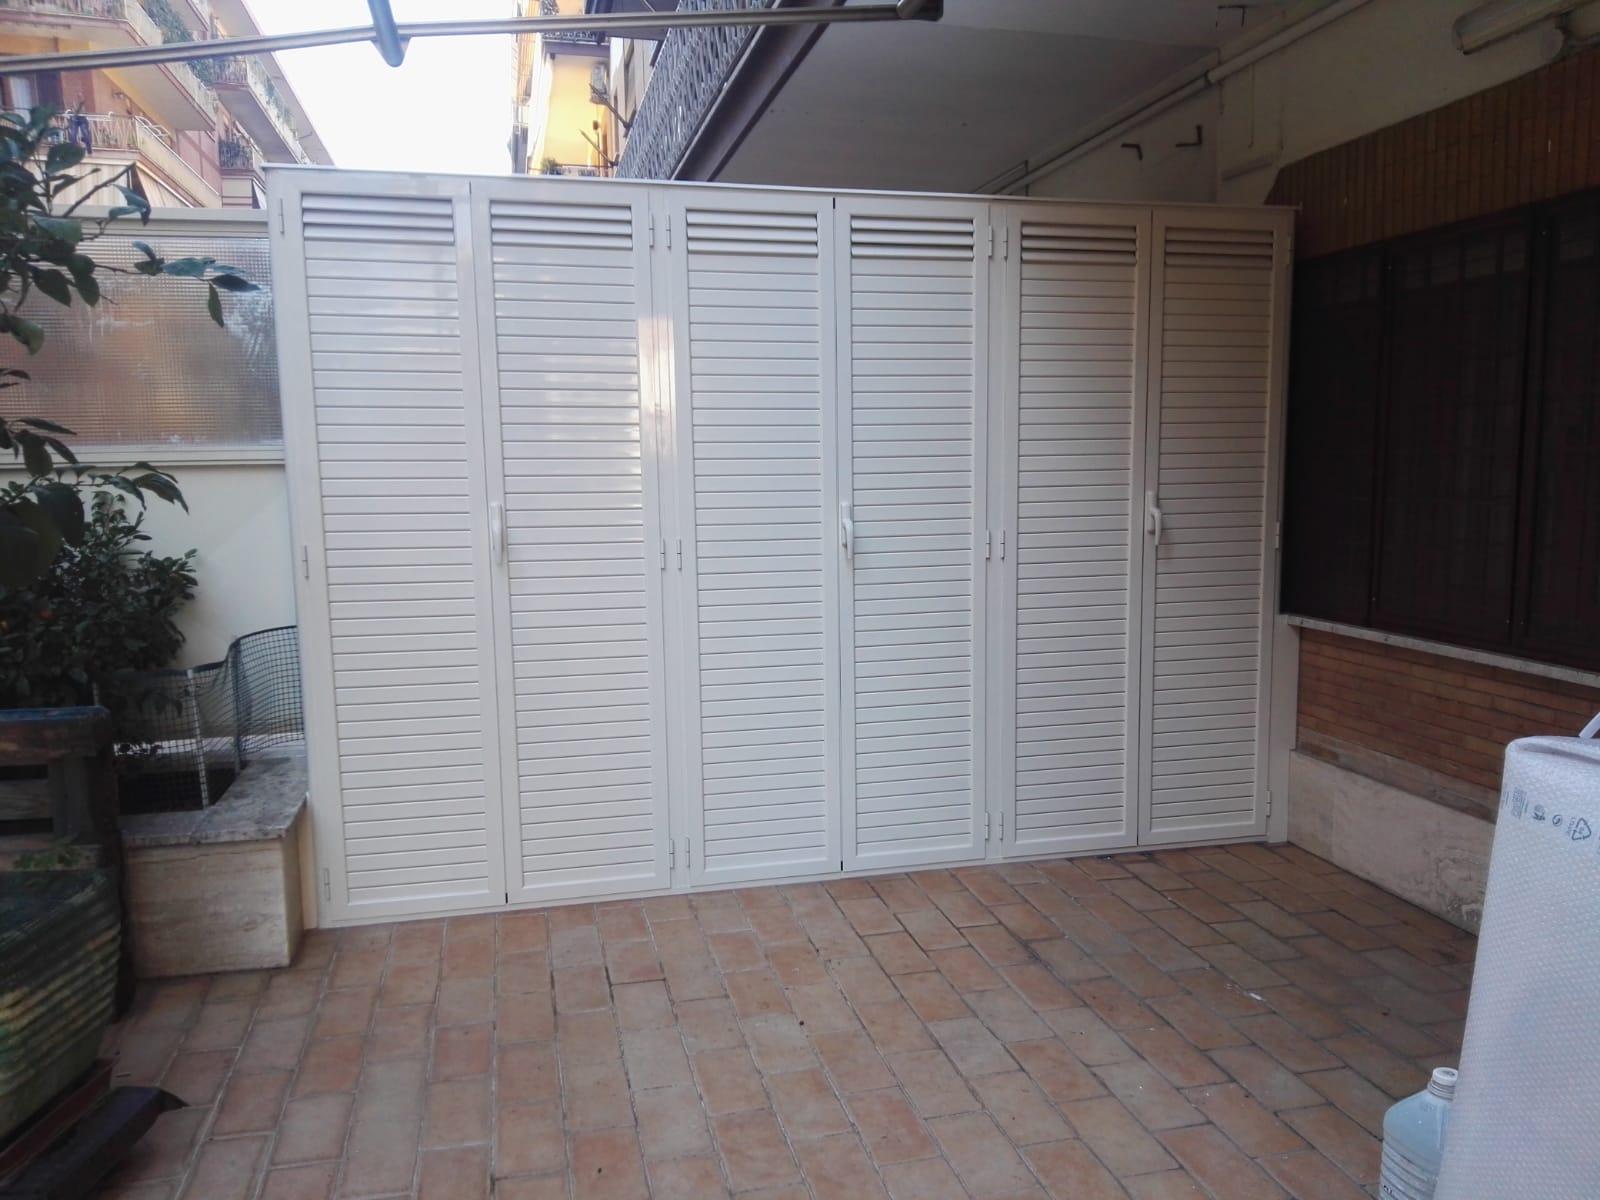 Fotografia di un armadio in alluminio avorio Ral 1013 a doghe chiuse e in parte aperte a 6 ante a uso ripostiglio (chiuso).